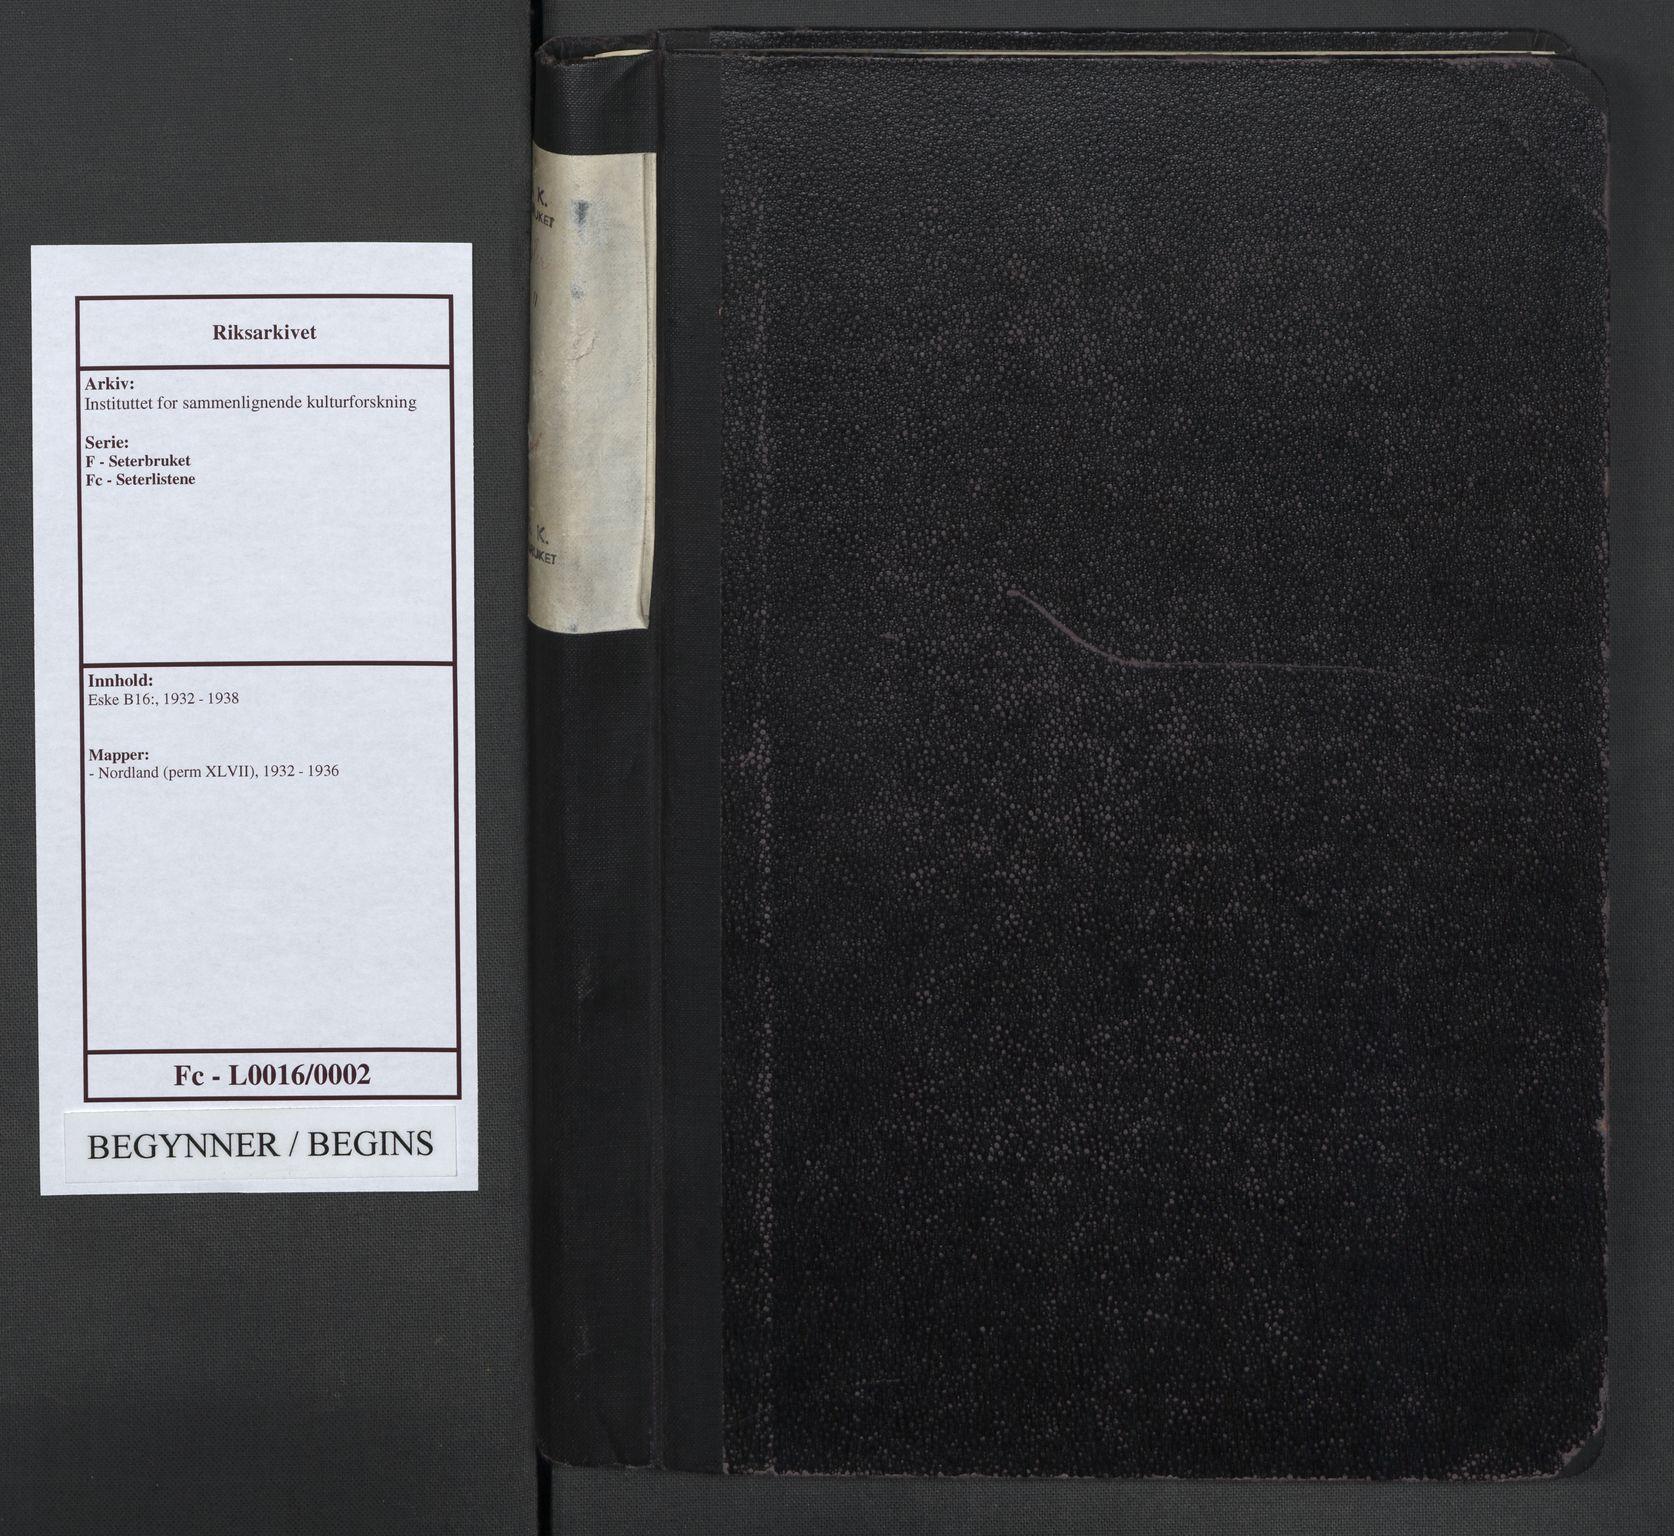 RA, Instituttet for sammenlignende kulturforskning, F/Fc/L0016: Eske B16:, 1932-1936, s. upaginert